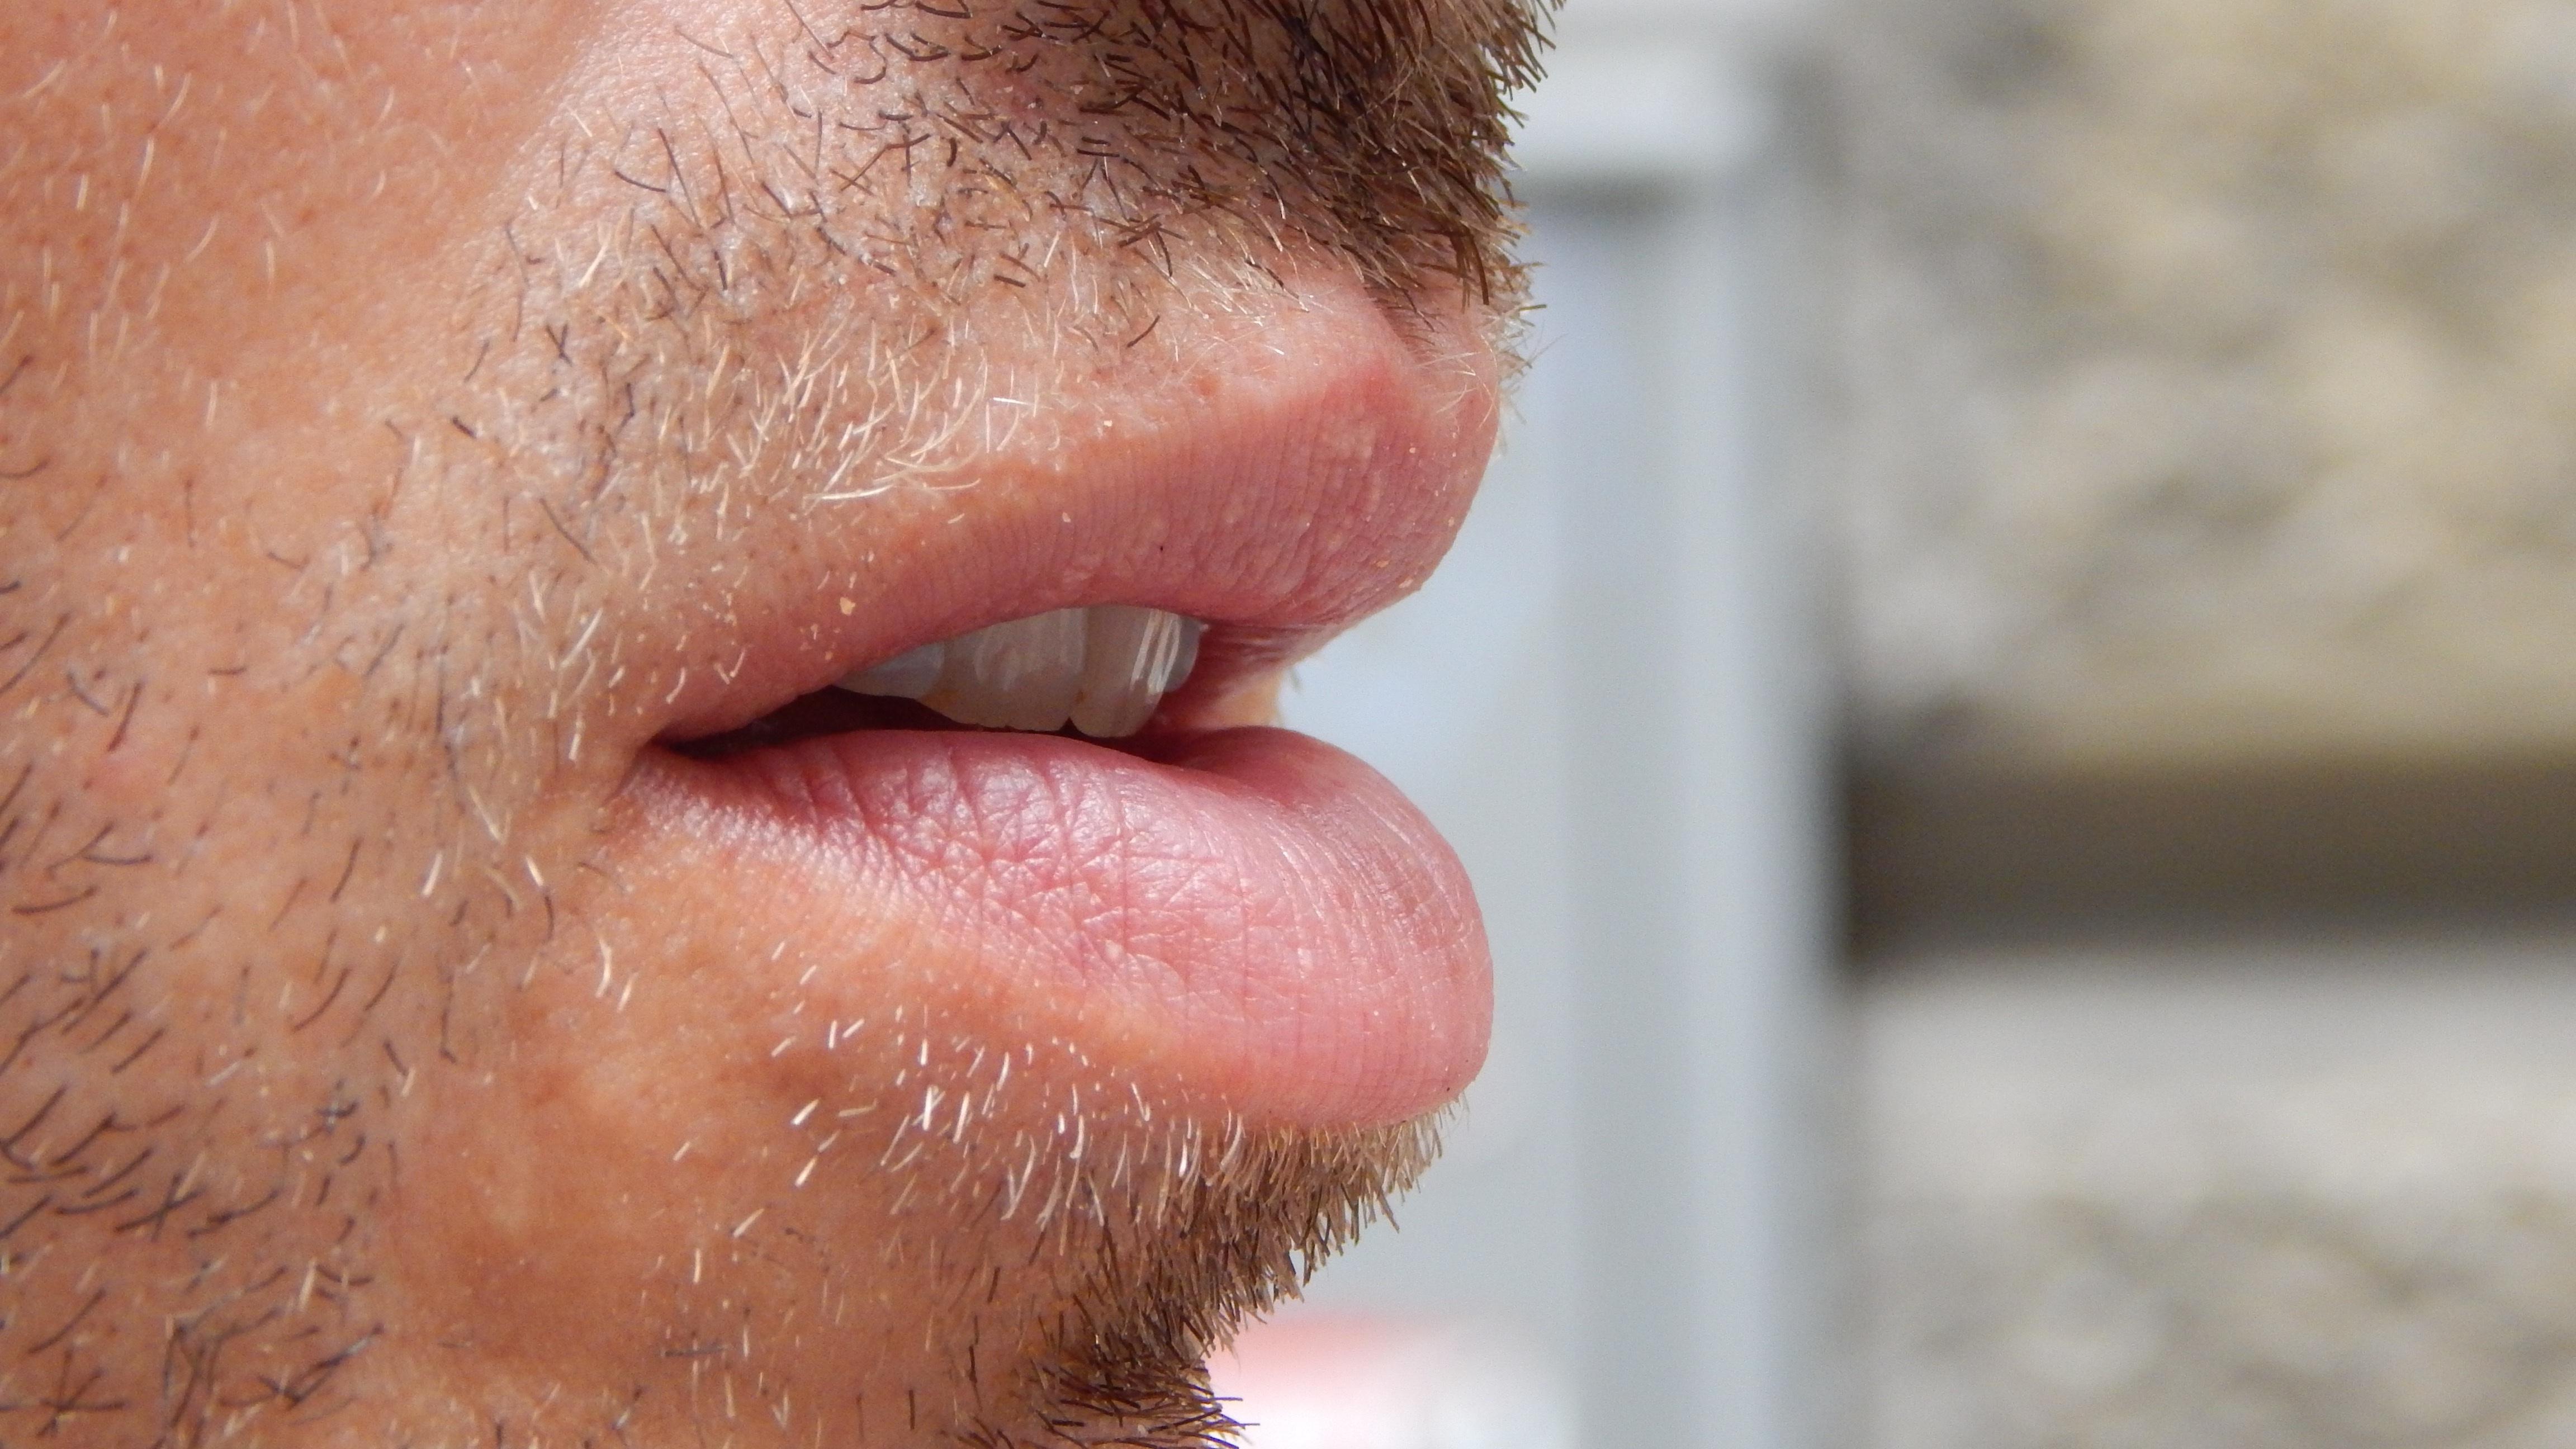 Fotos gratis : hombre, oreja, labio, boca, hablar, de cerca, cuerpo ...